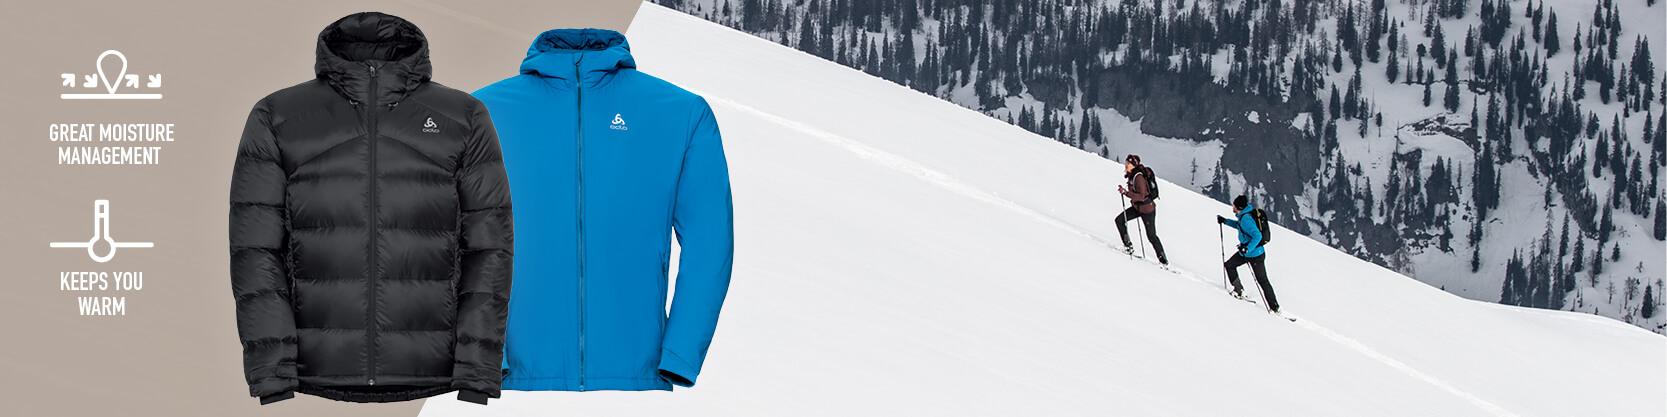 Odlo Men's Jackets and Vests